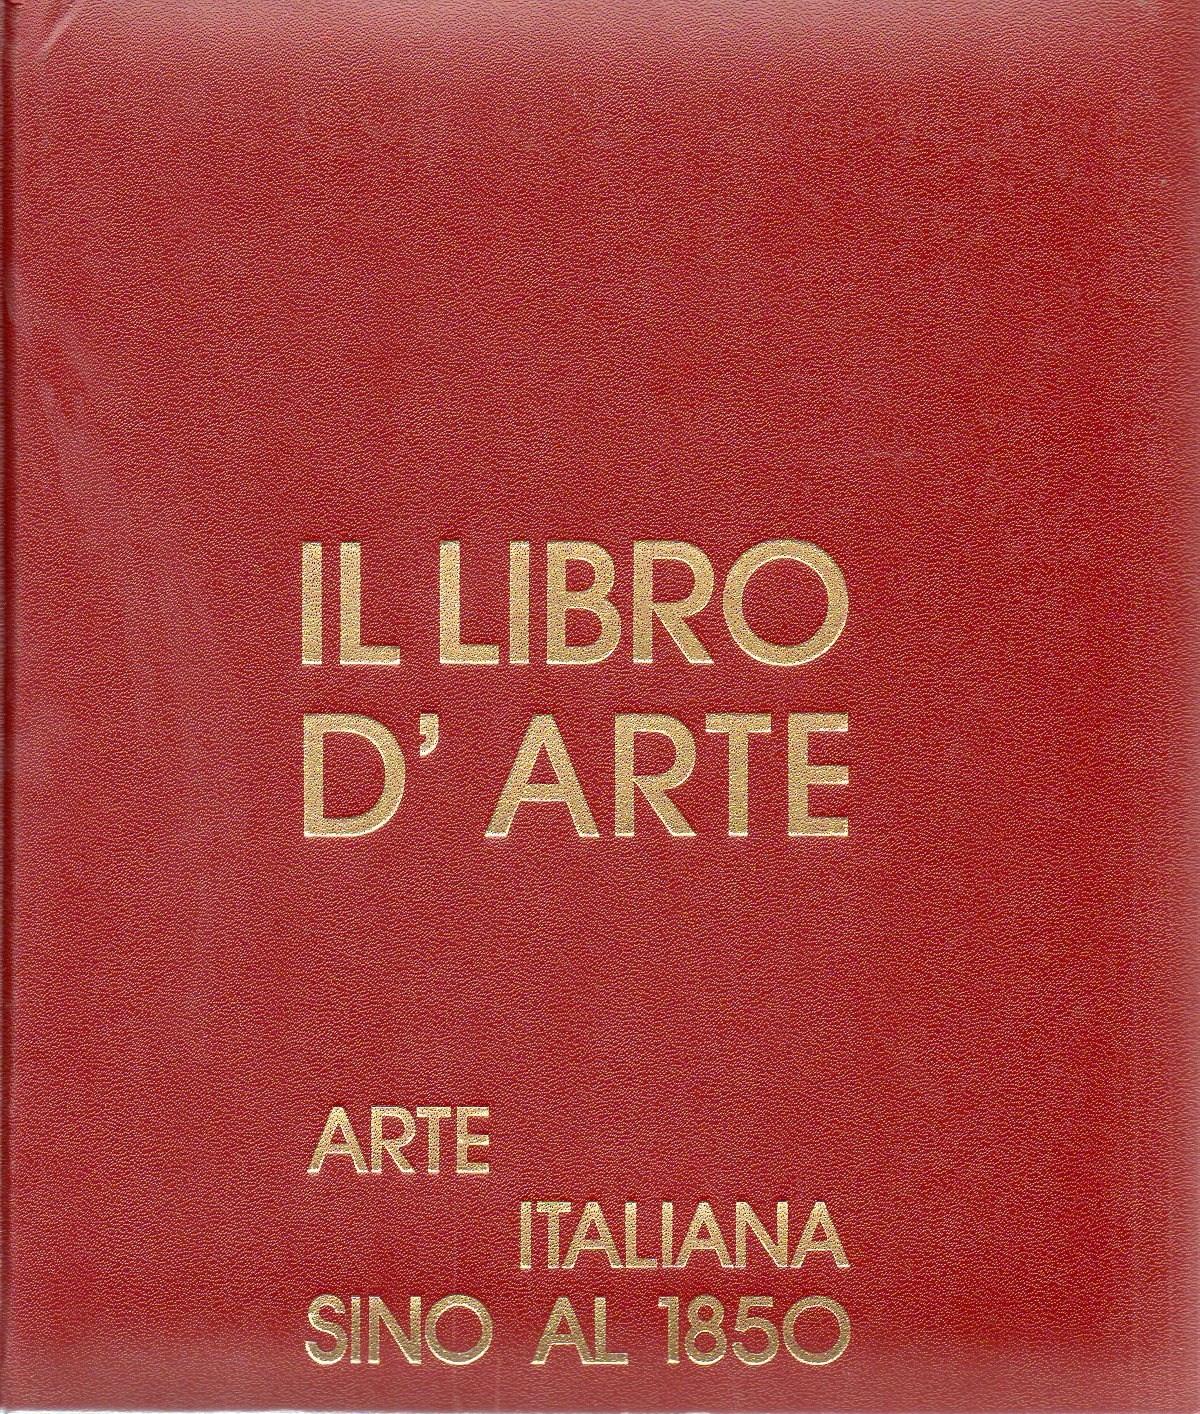 Image of il libro d'arte - arte italiana sino al 1850